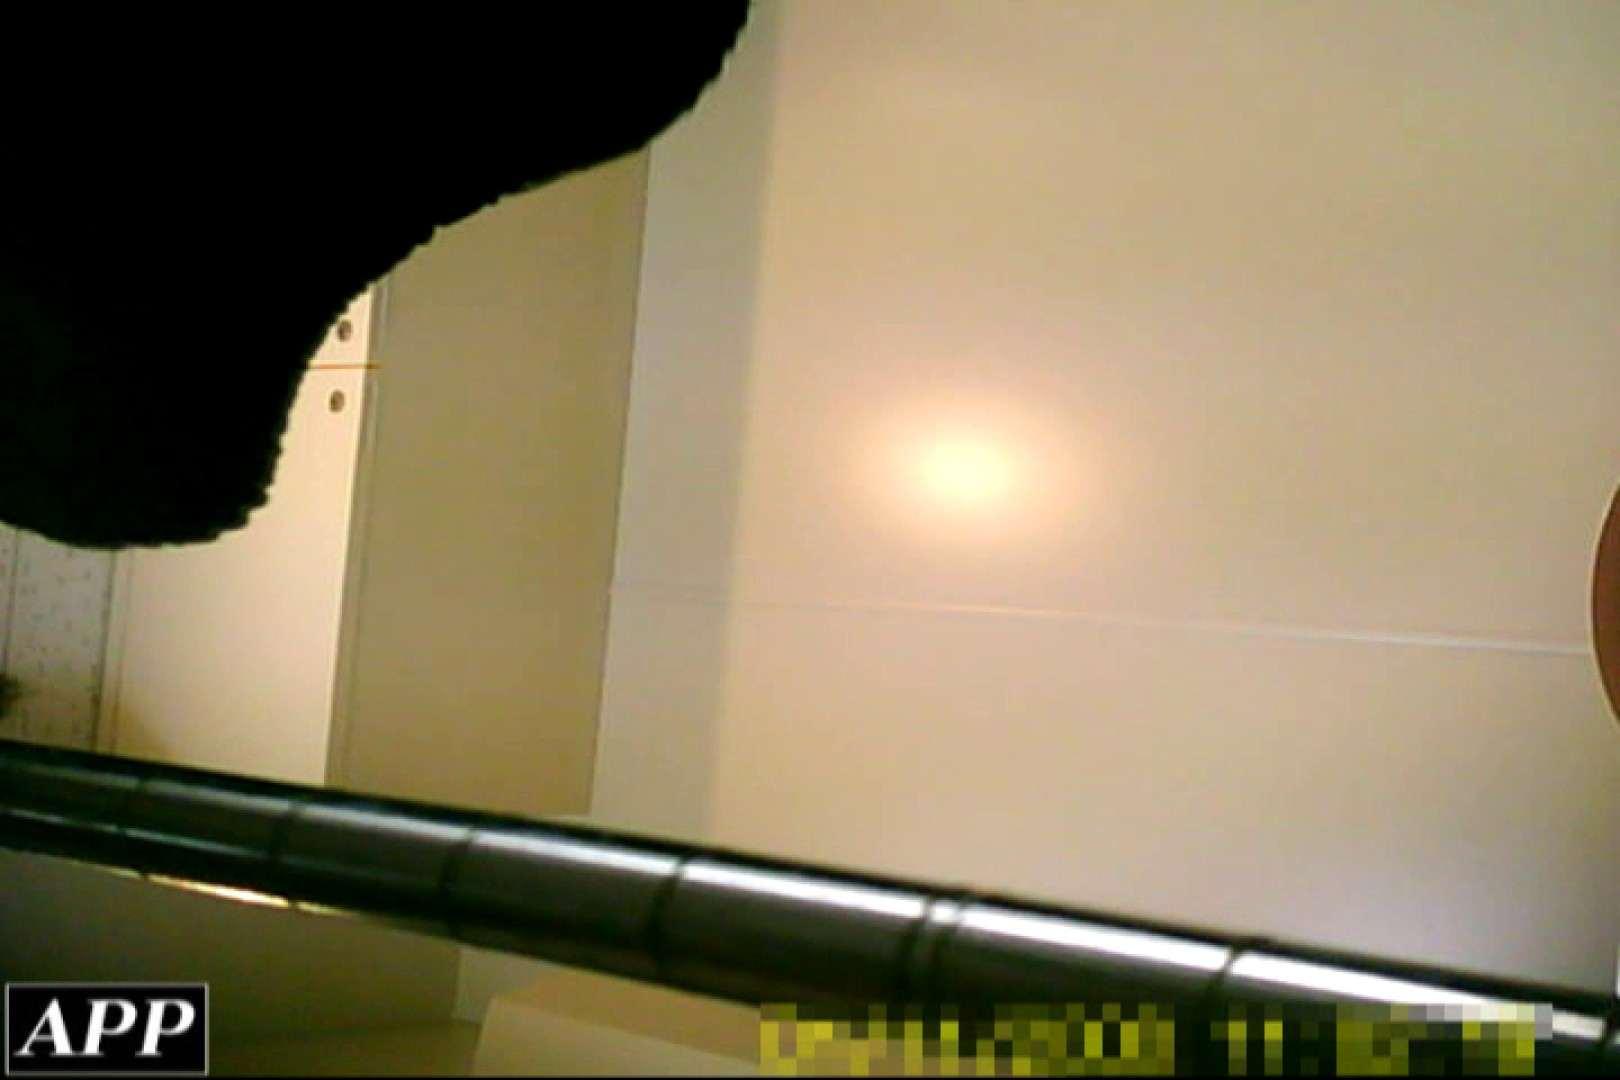 3視点洗面所 vol.029 エロティックなOL  105画像 36